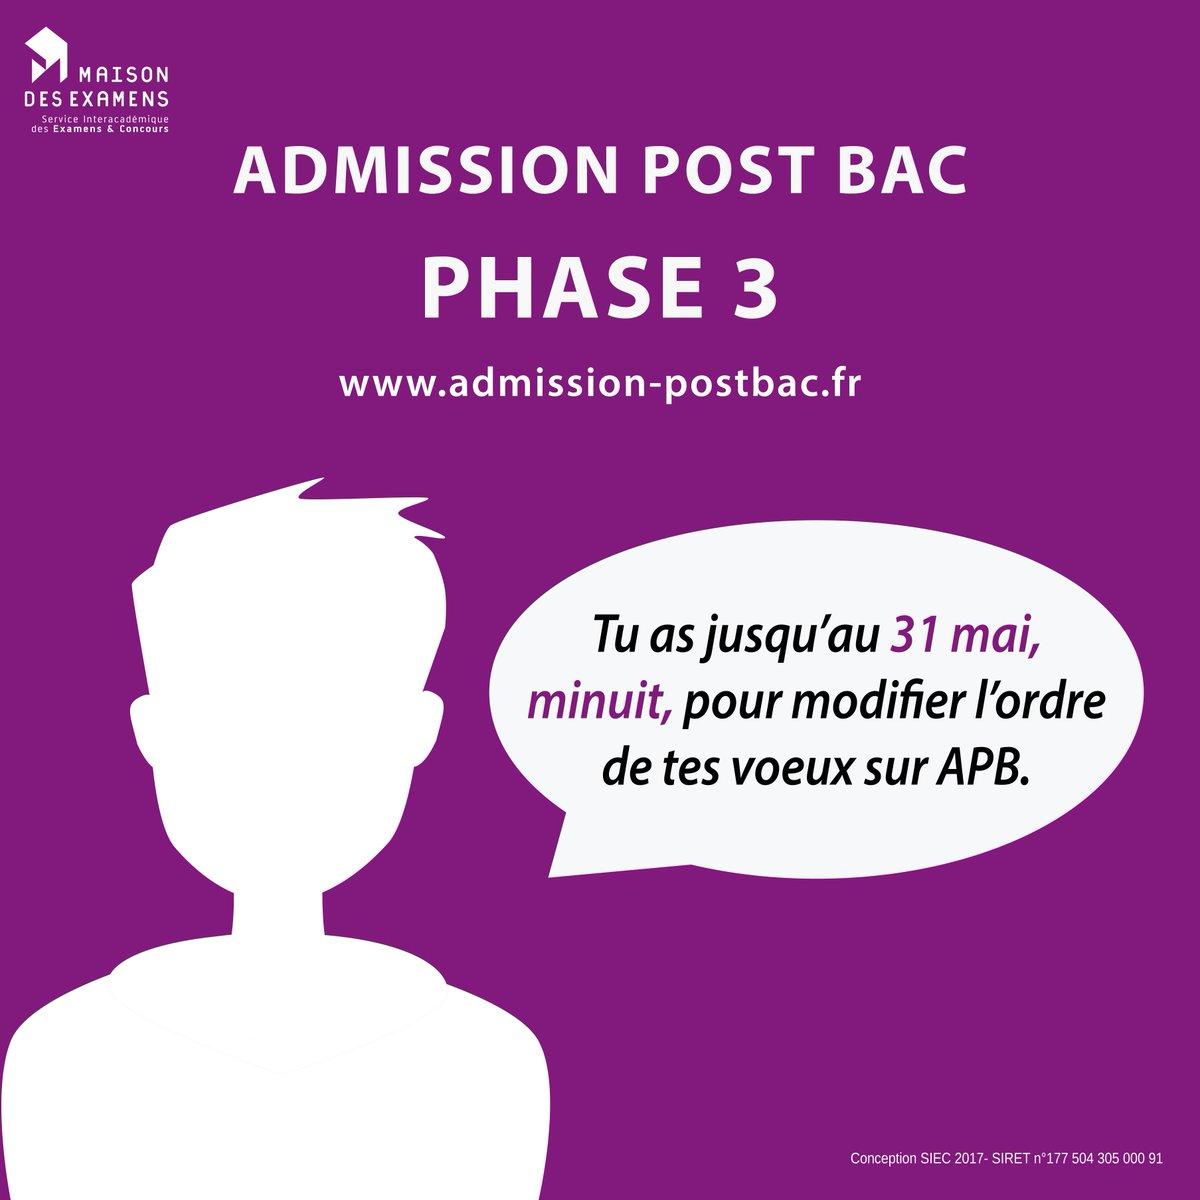 Maison des examens maison examens twitter for Arcueil cachan maison des examens